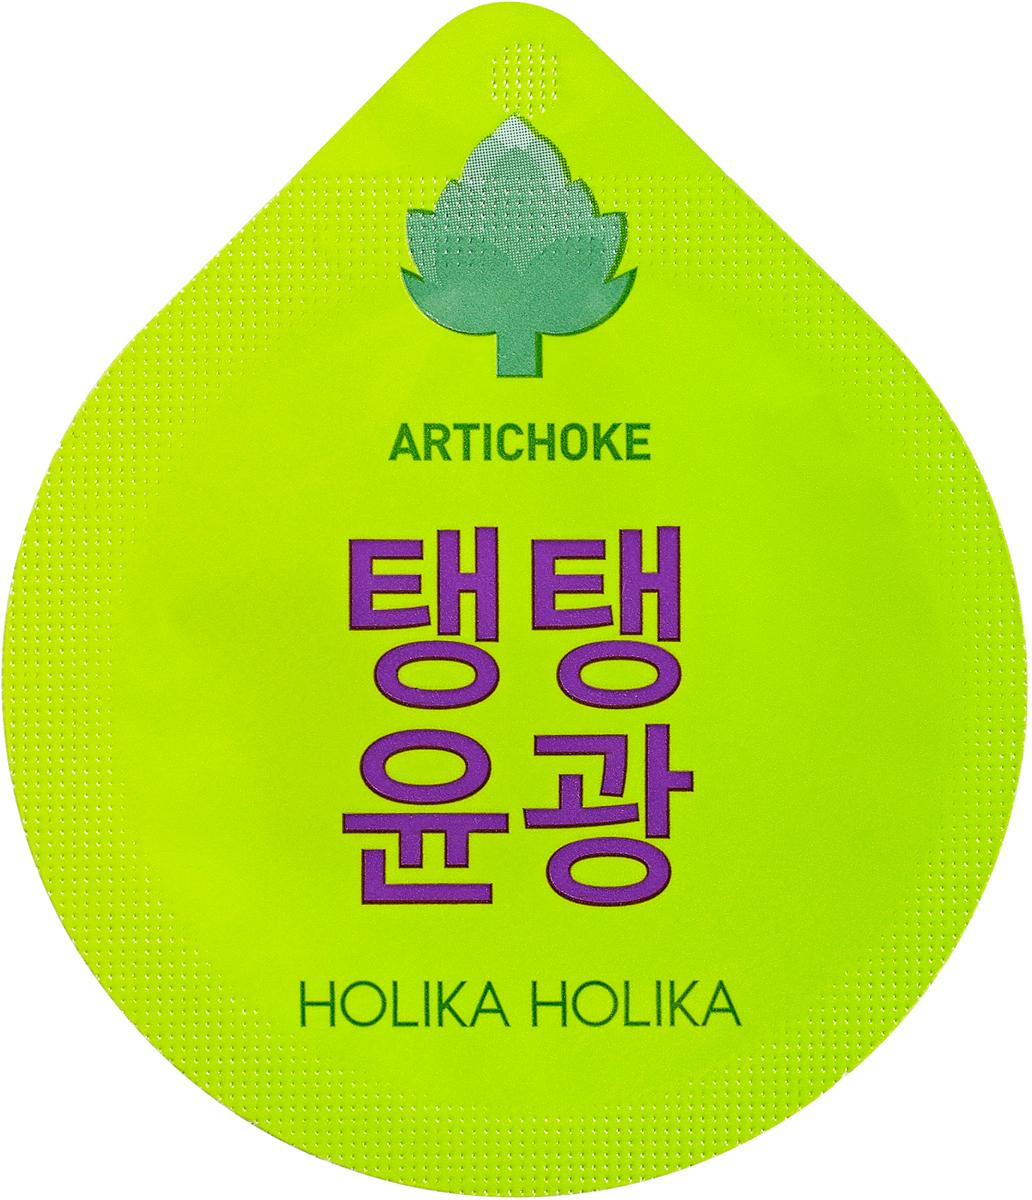 Holika Holika КапсульнаяночнаямаскаSuperfood,противморщин,10г20016041Маска содержит экстракт артишока, комплекс экстрактов (брокколи, люцерна, капуста, солод, рапс) и т.д. Концентрированная питательная формула, восстанавливает эластичность и упругость кожи. Способствует восстановлению жизненных сил кожи, восполняет запас минеральны веществ и витаминов.